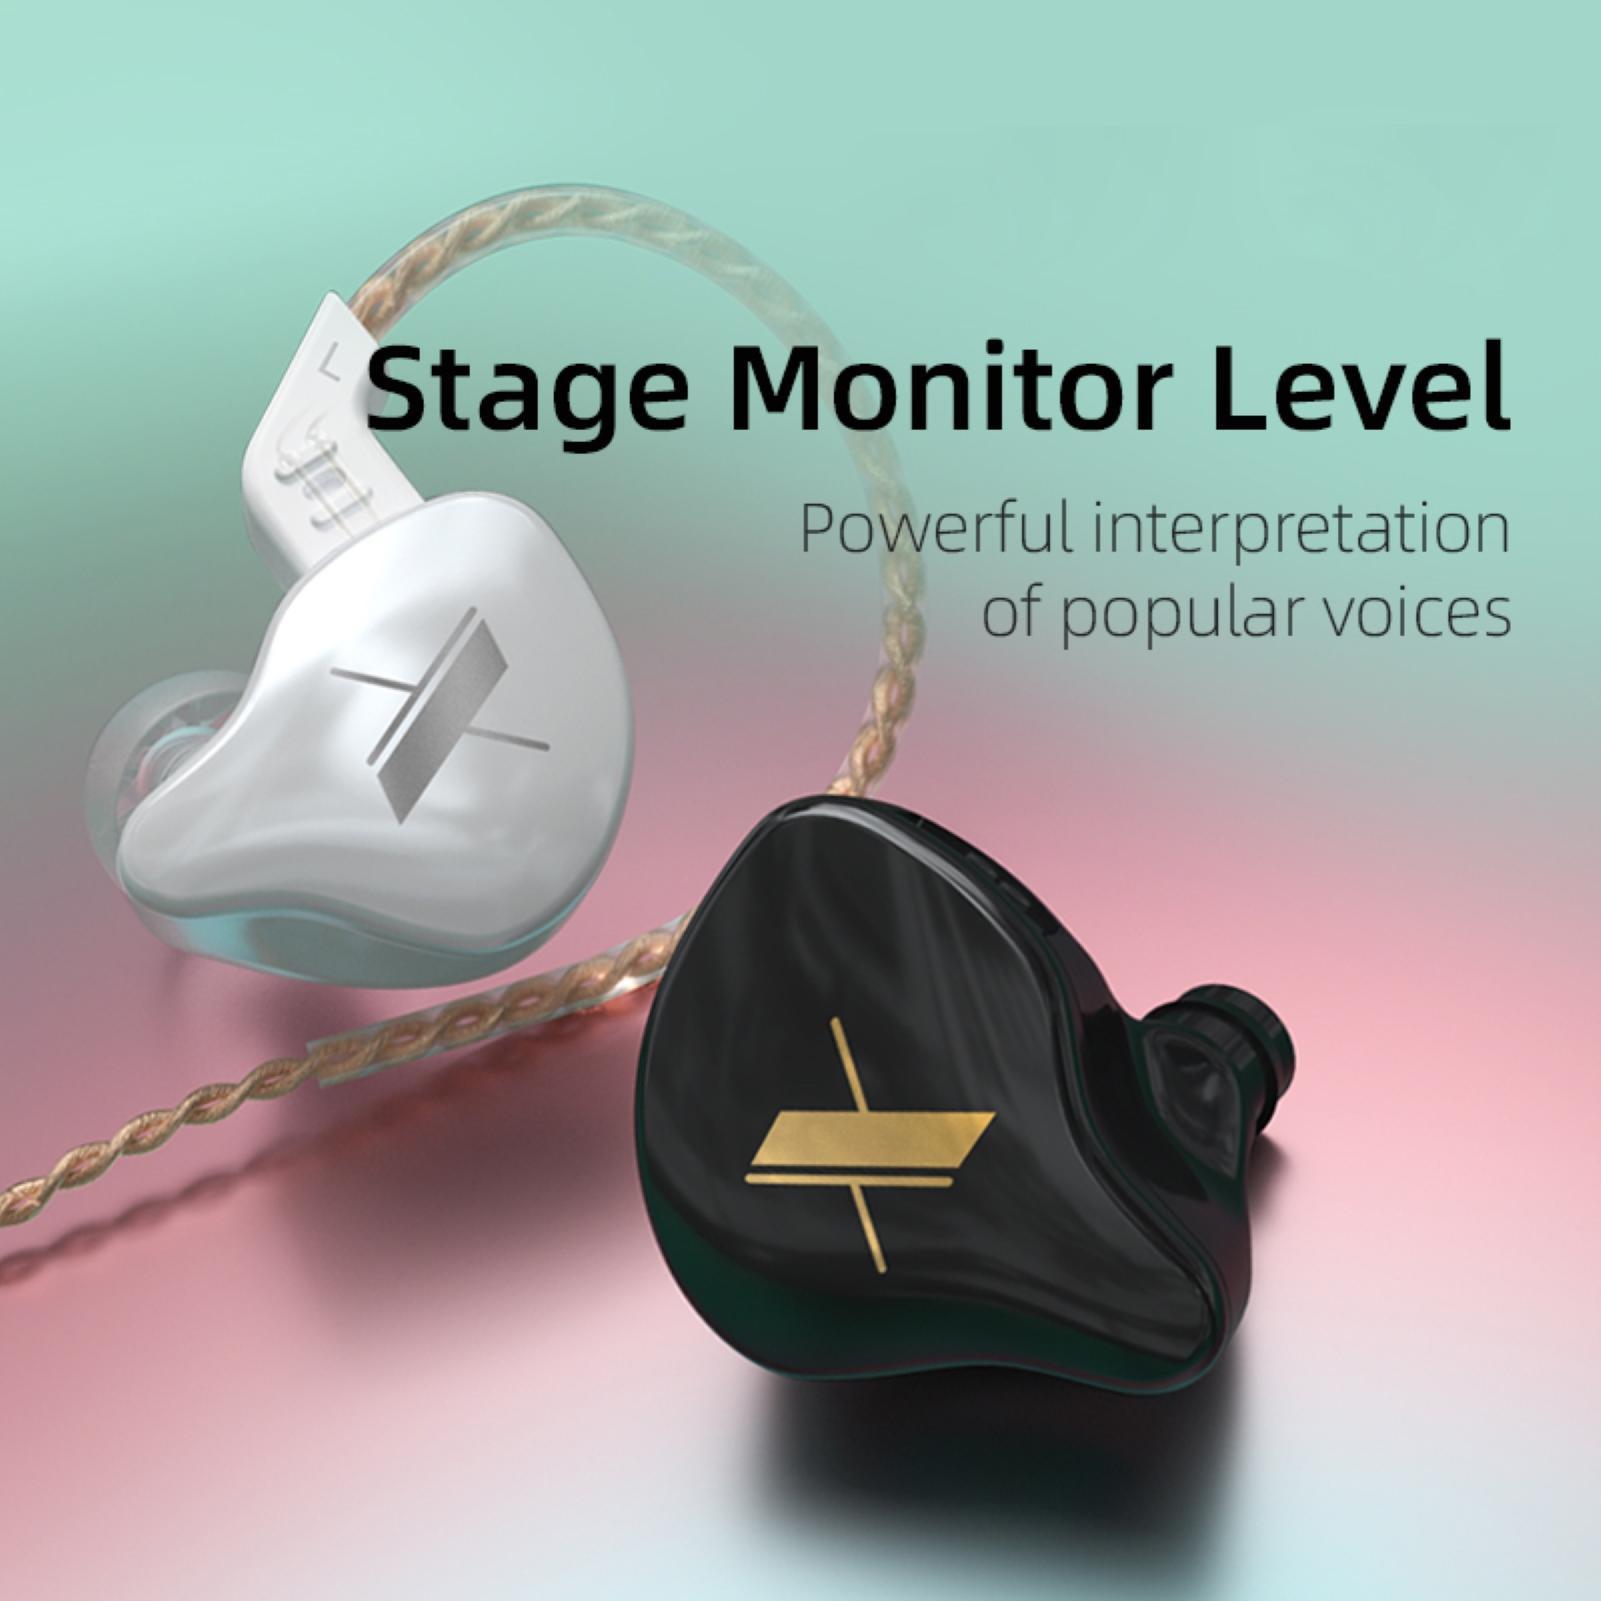 Kz edx com fio dinâmico de alta fidelidade graves pesados in-ear gaming fone de ouvido com microfone 23accessories wired fone de ouvido acessórios do telefone